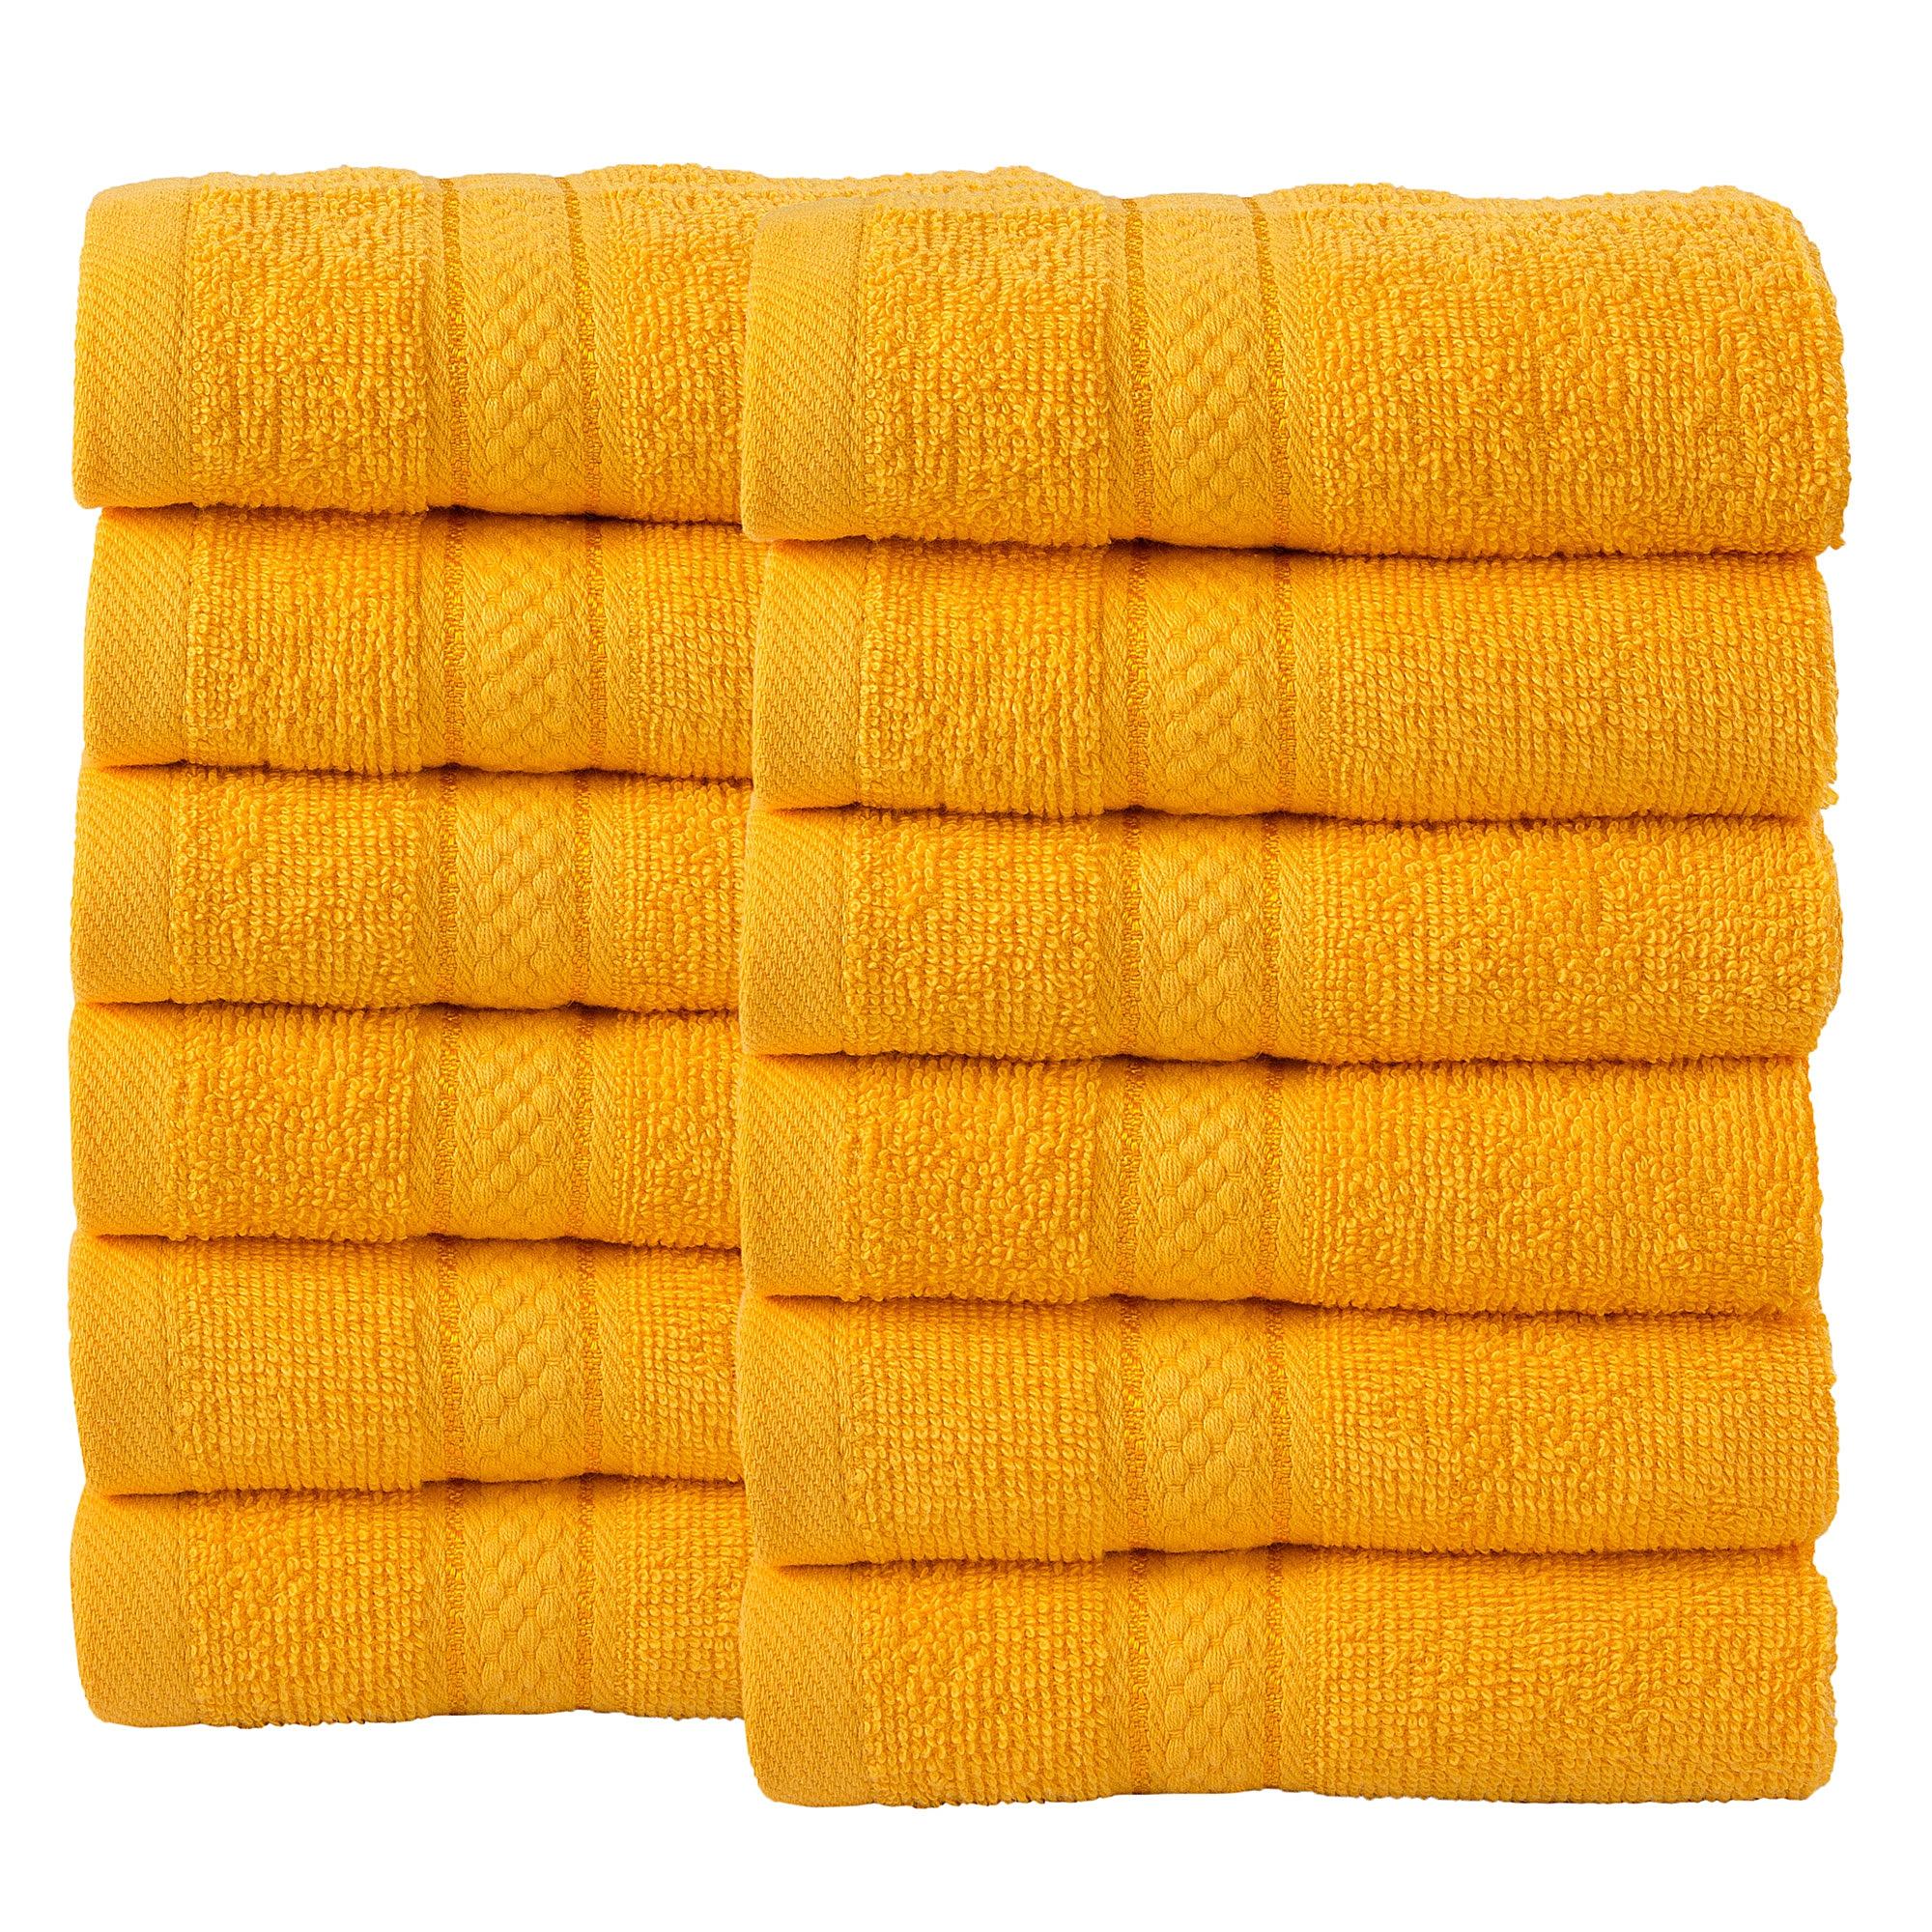 12 Pcs Face Cotton Towel Bale Set Sunflower Plain